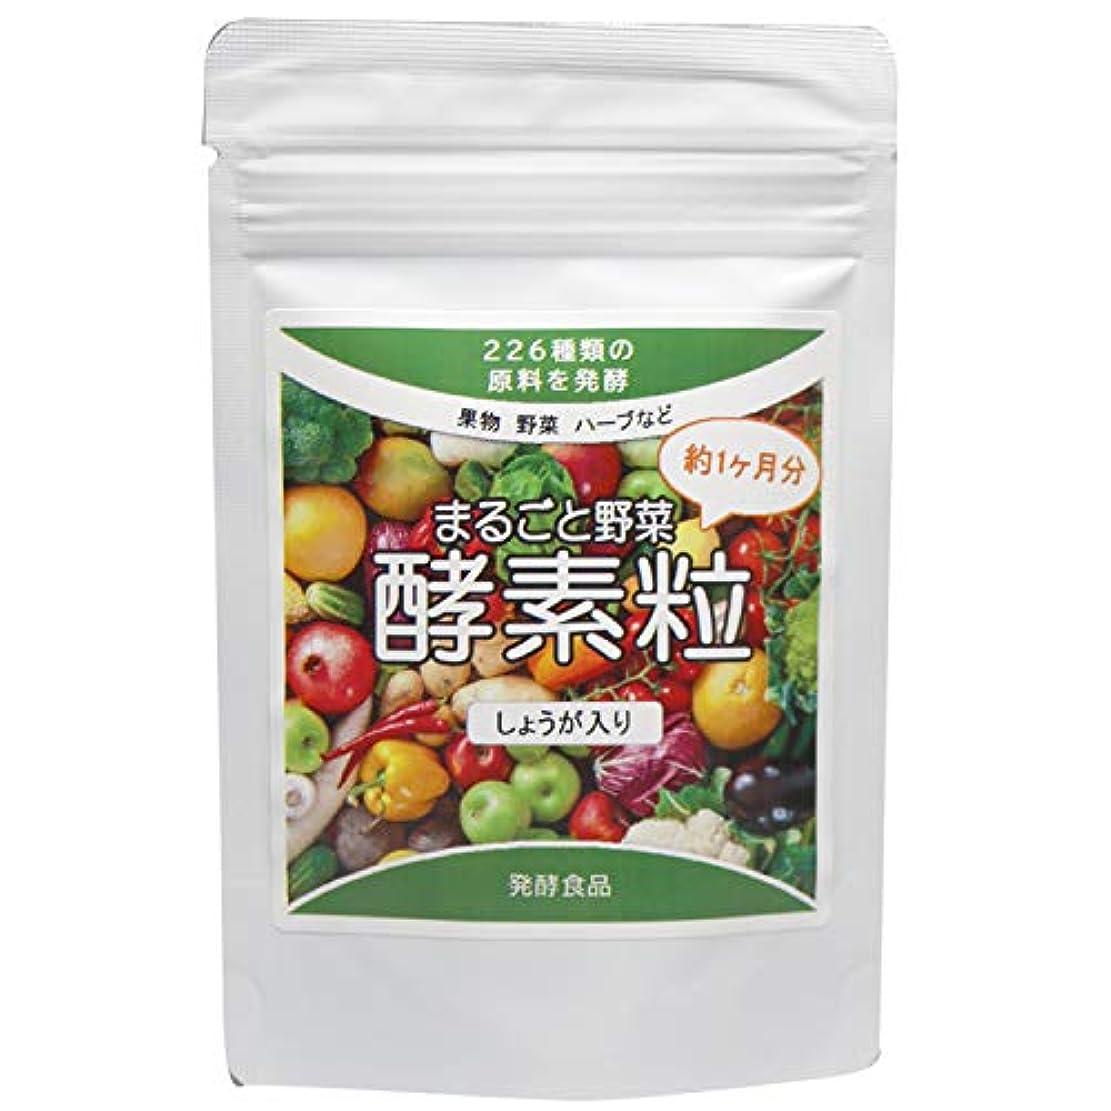 ジャニス死んでいる北極圏まるごと野菜酵素粒 226種類の野菜発酵(しょうが入り) 約4ヶ月分 (440mg×120粒)